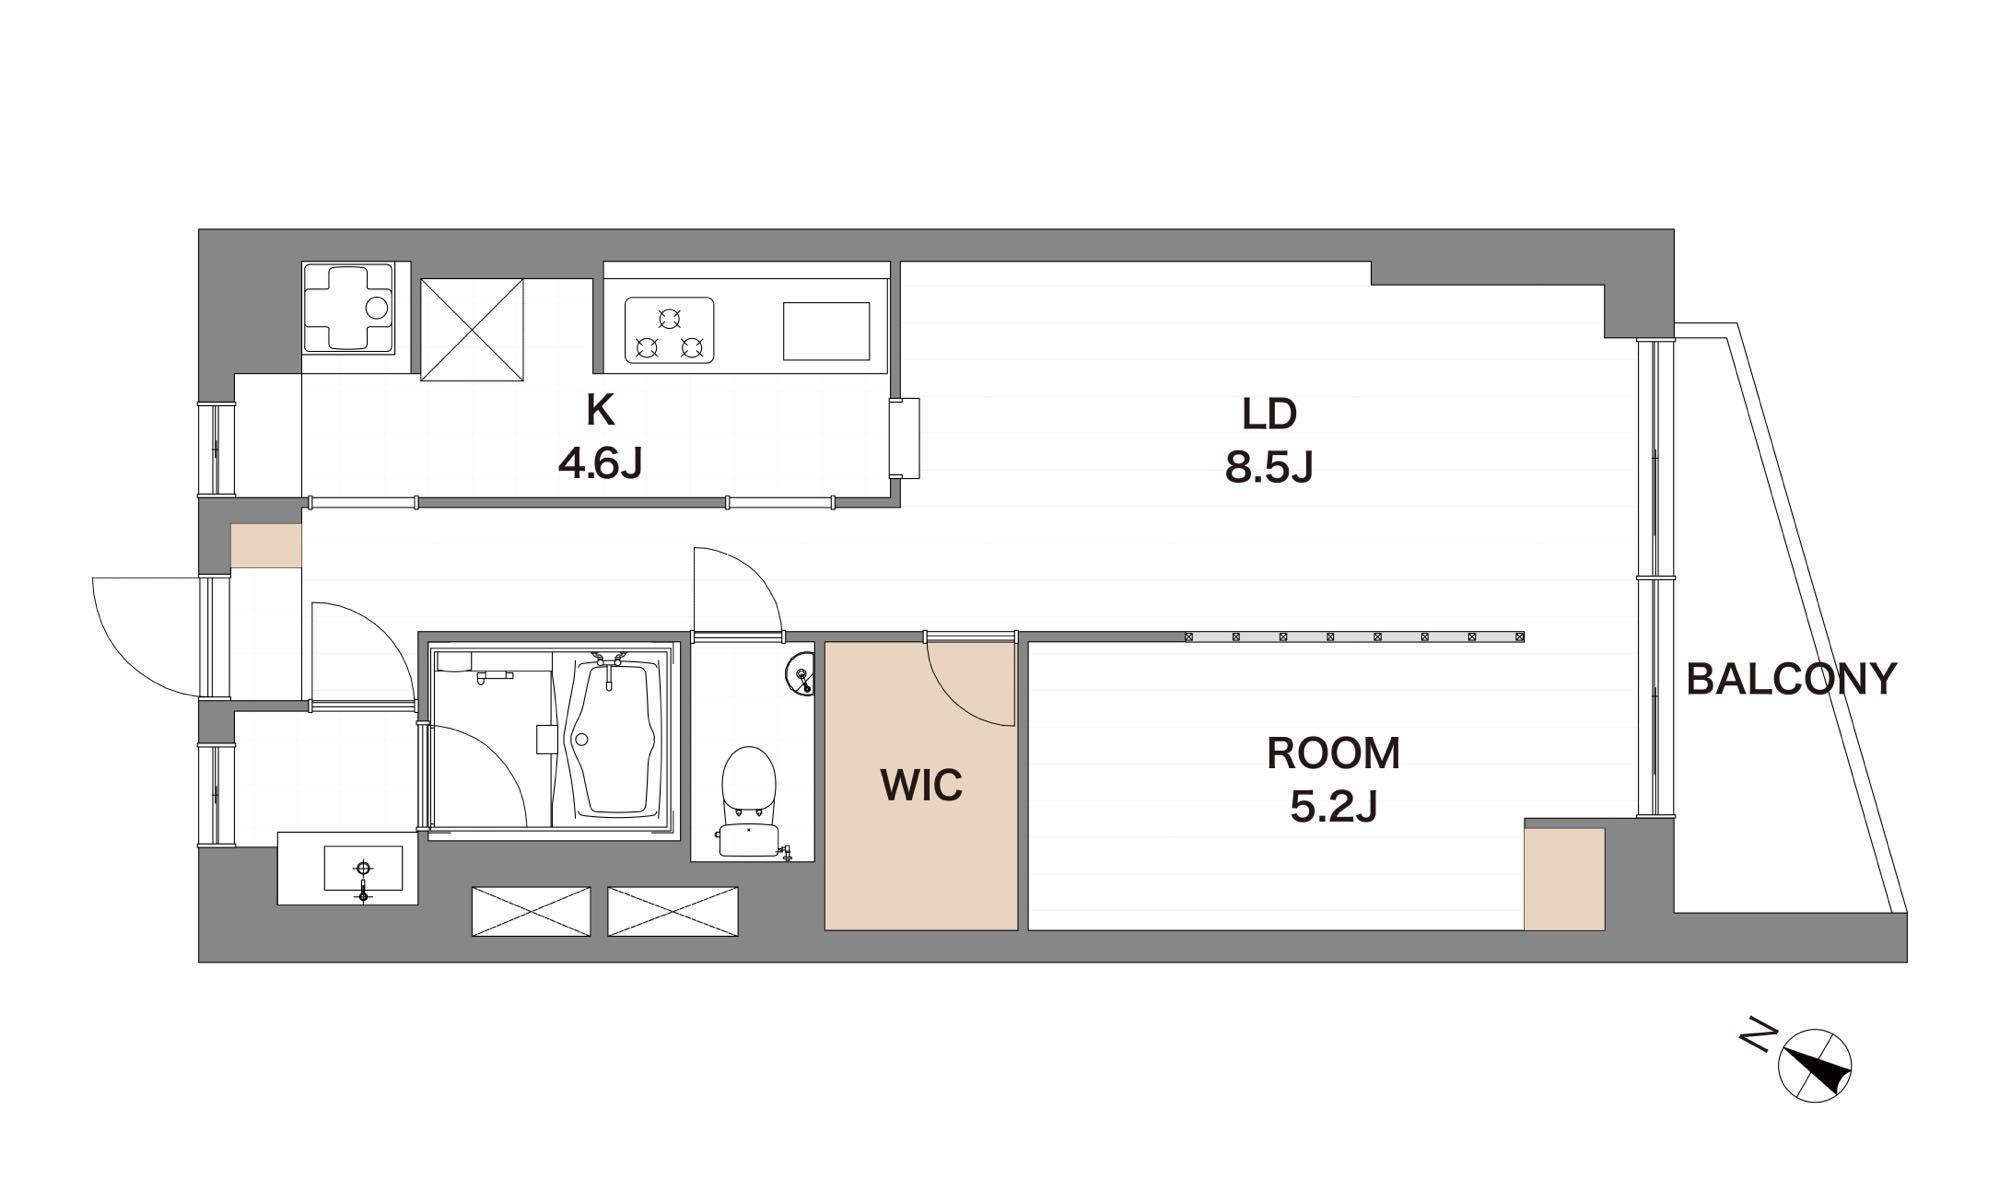 中目黒 最上階の開放的なリノベ空間 間取り図